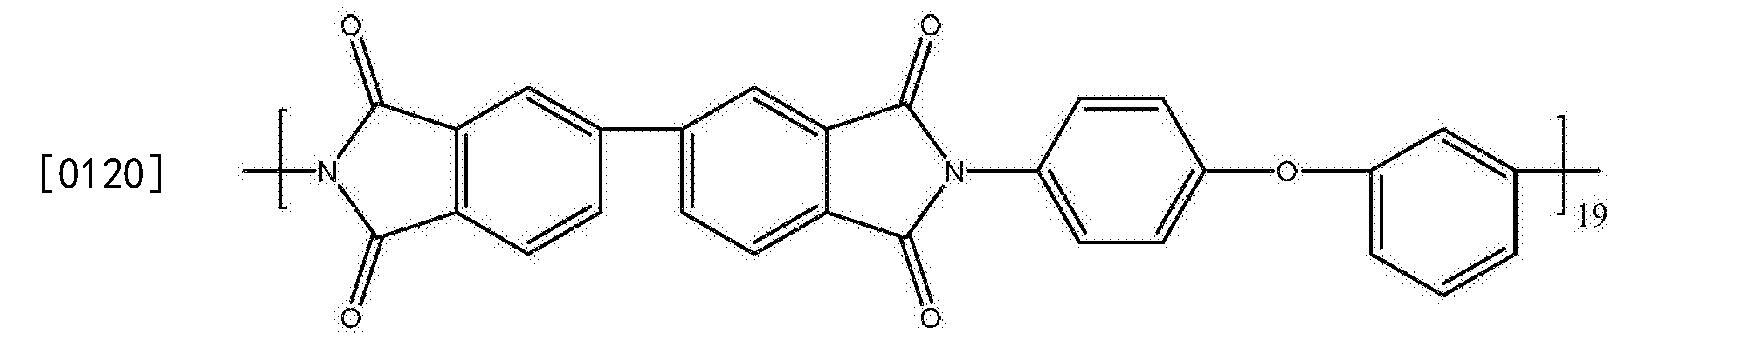 Figure CN104829837BD00172